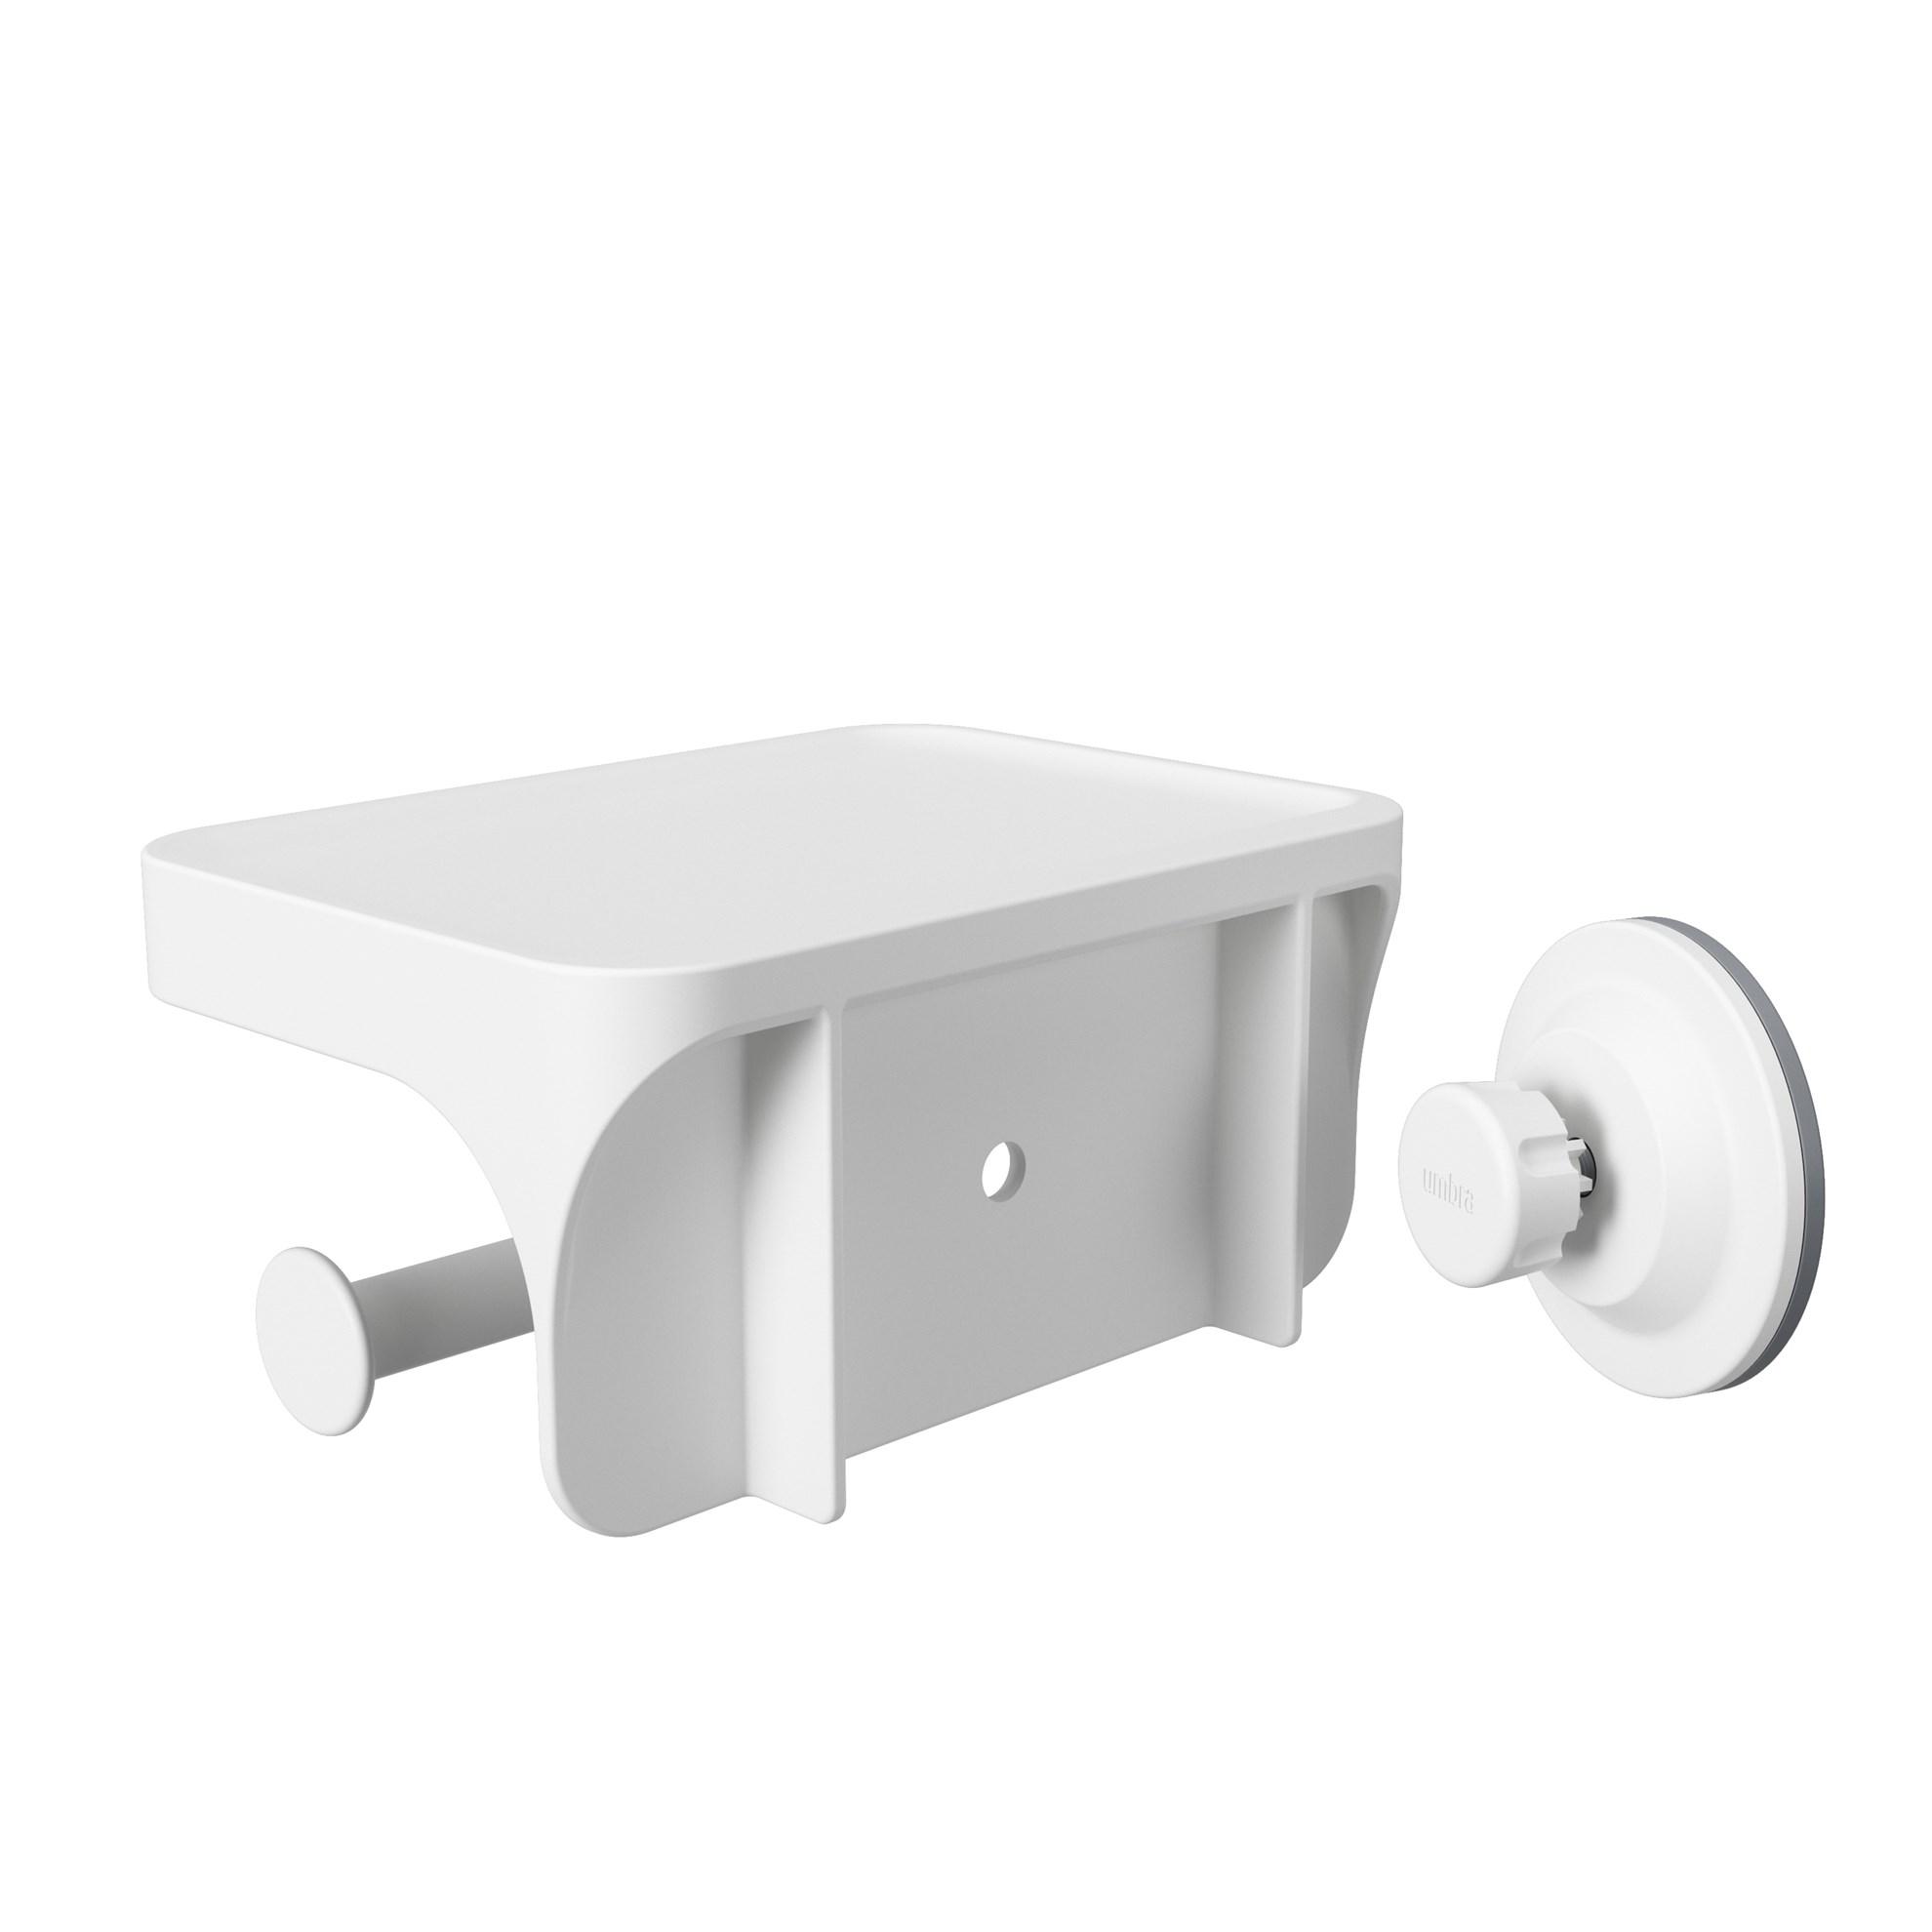 Držák na toaletní papír FLEX bílý_2